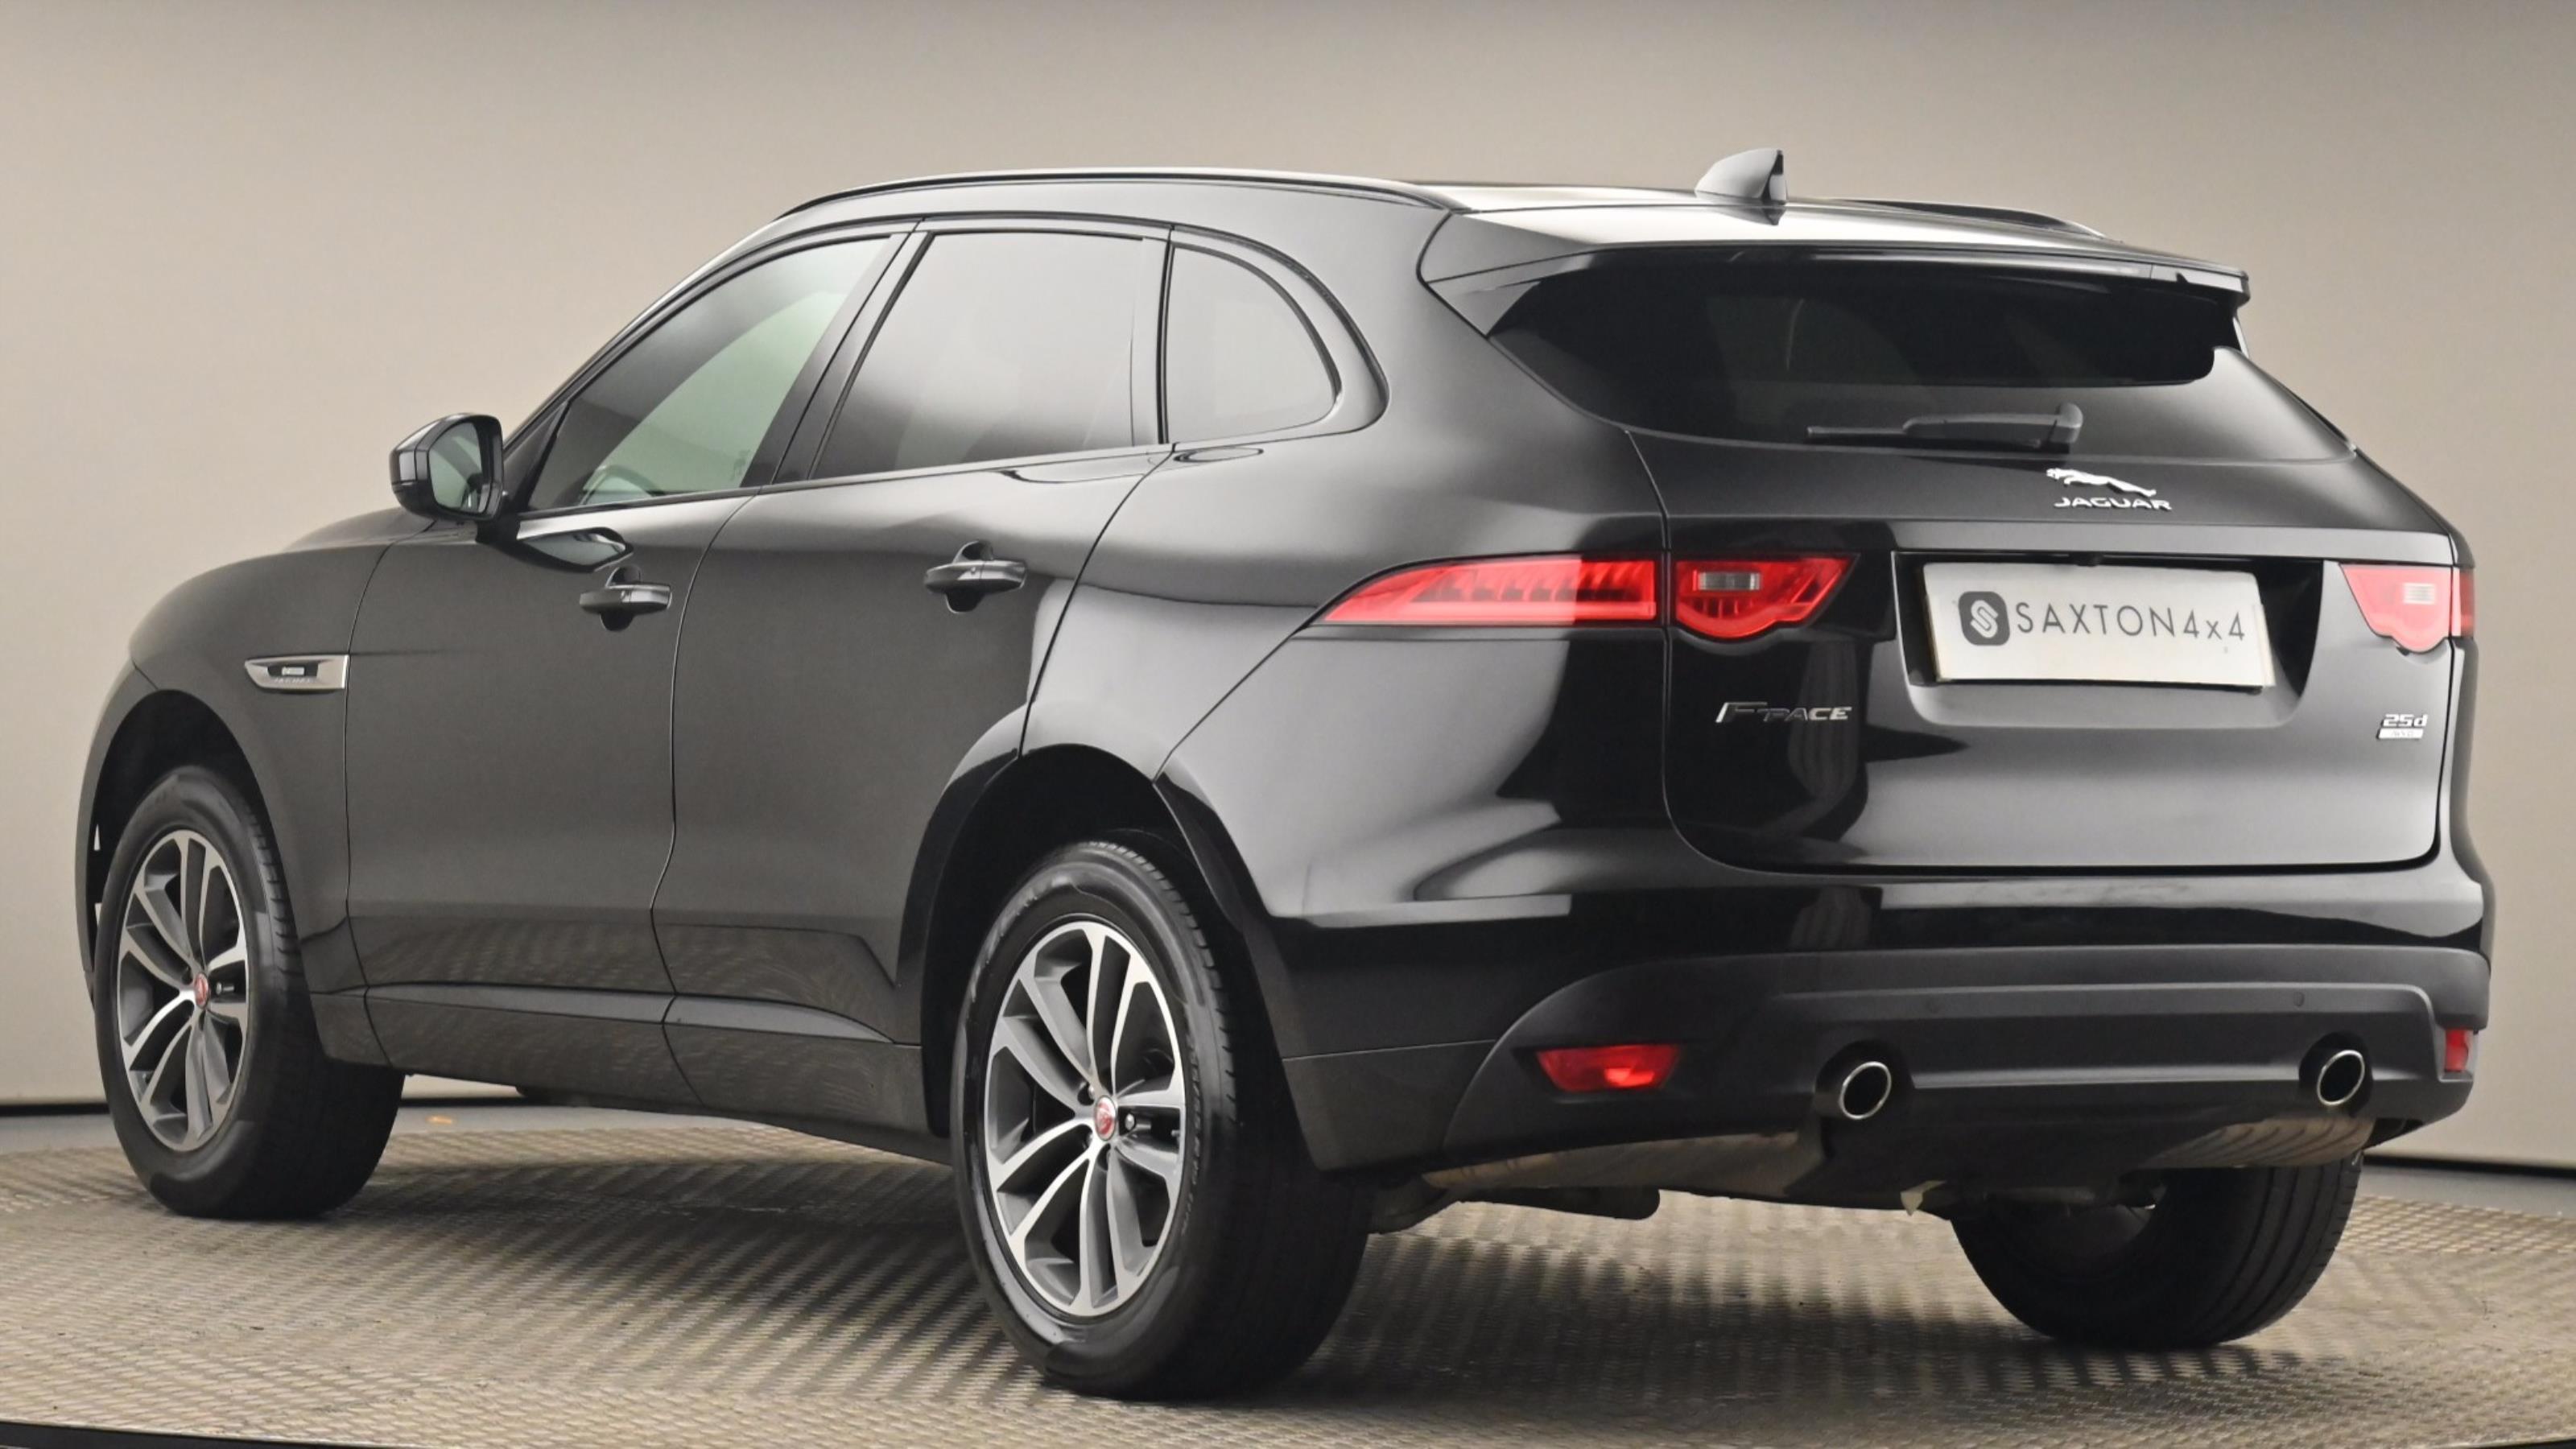 Used 2018 Jaguar F-PACE 2.0d [240] R-Sport 5dr Auto AWD BLACK at Saxton4x4